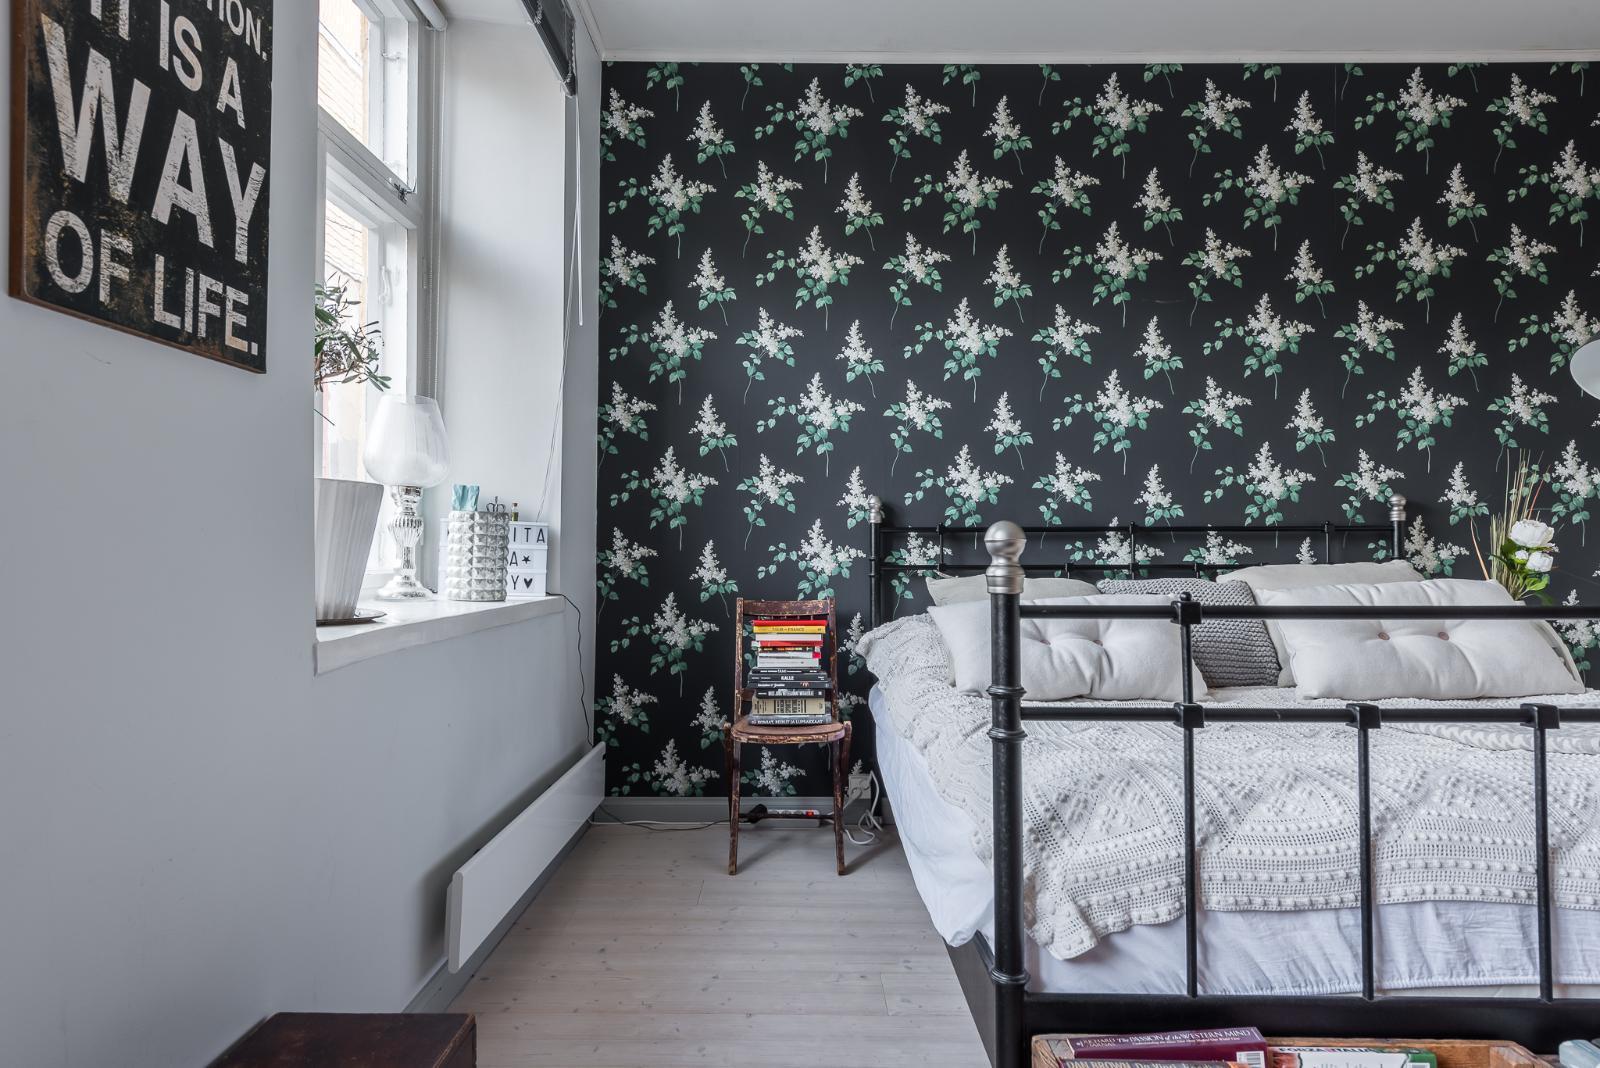 Kaunista kukkatapettia makuuhuoneessa  Etuovi com Ideat & vinkit